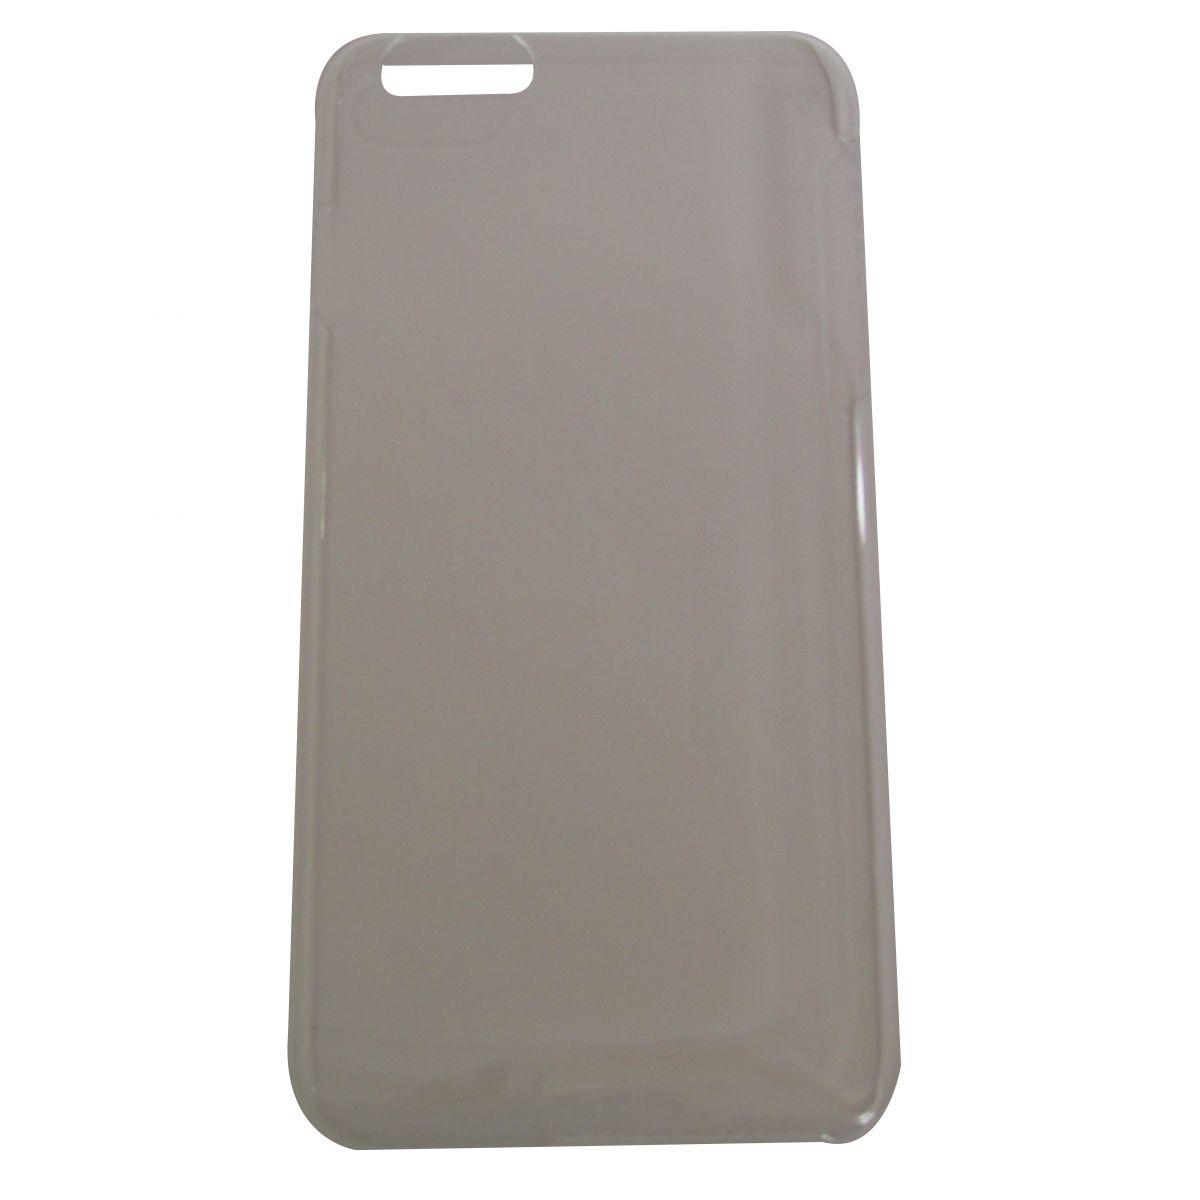 Capa Nuance Para Iphone 6 Plus Intelimix Transparente